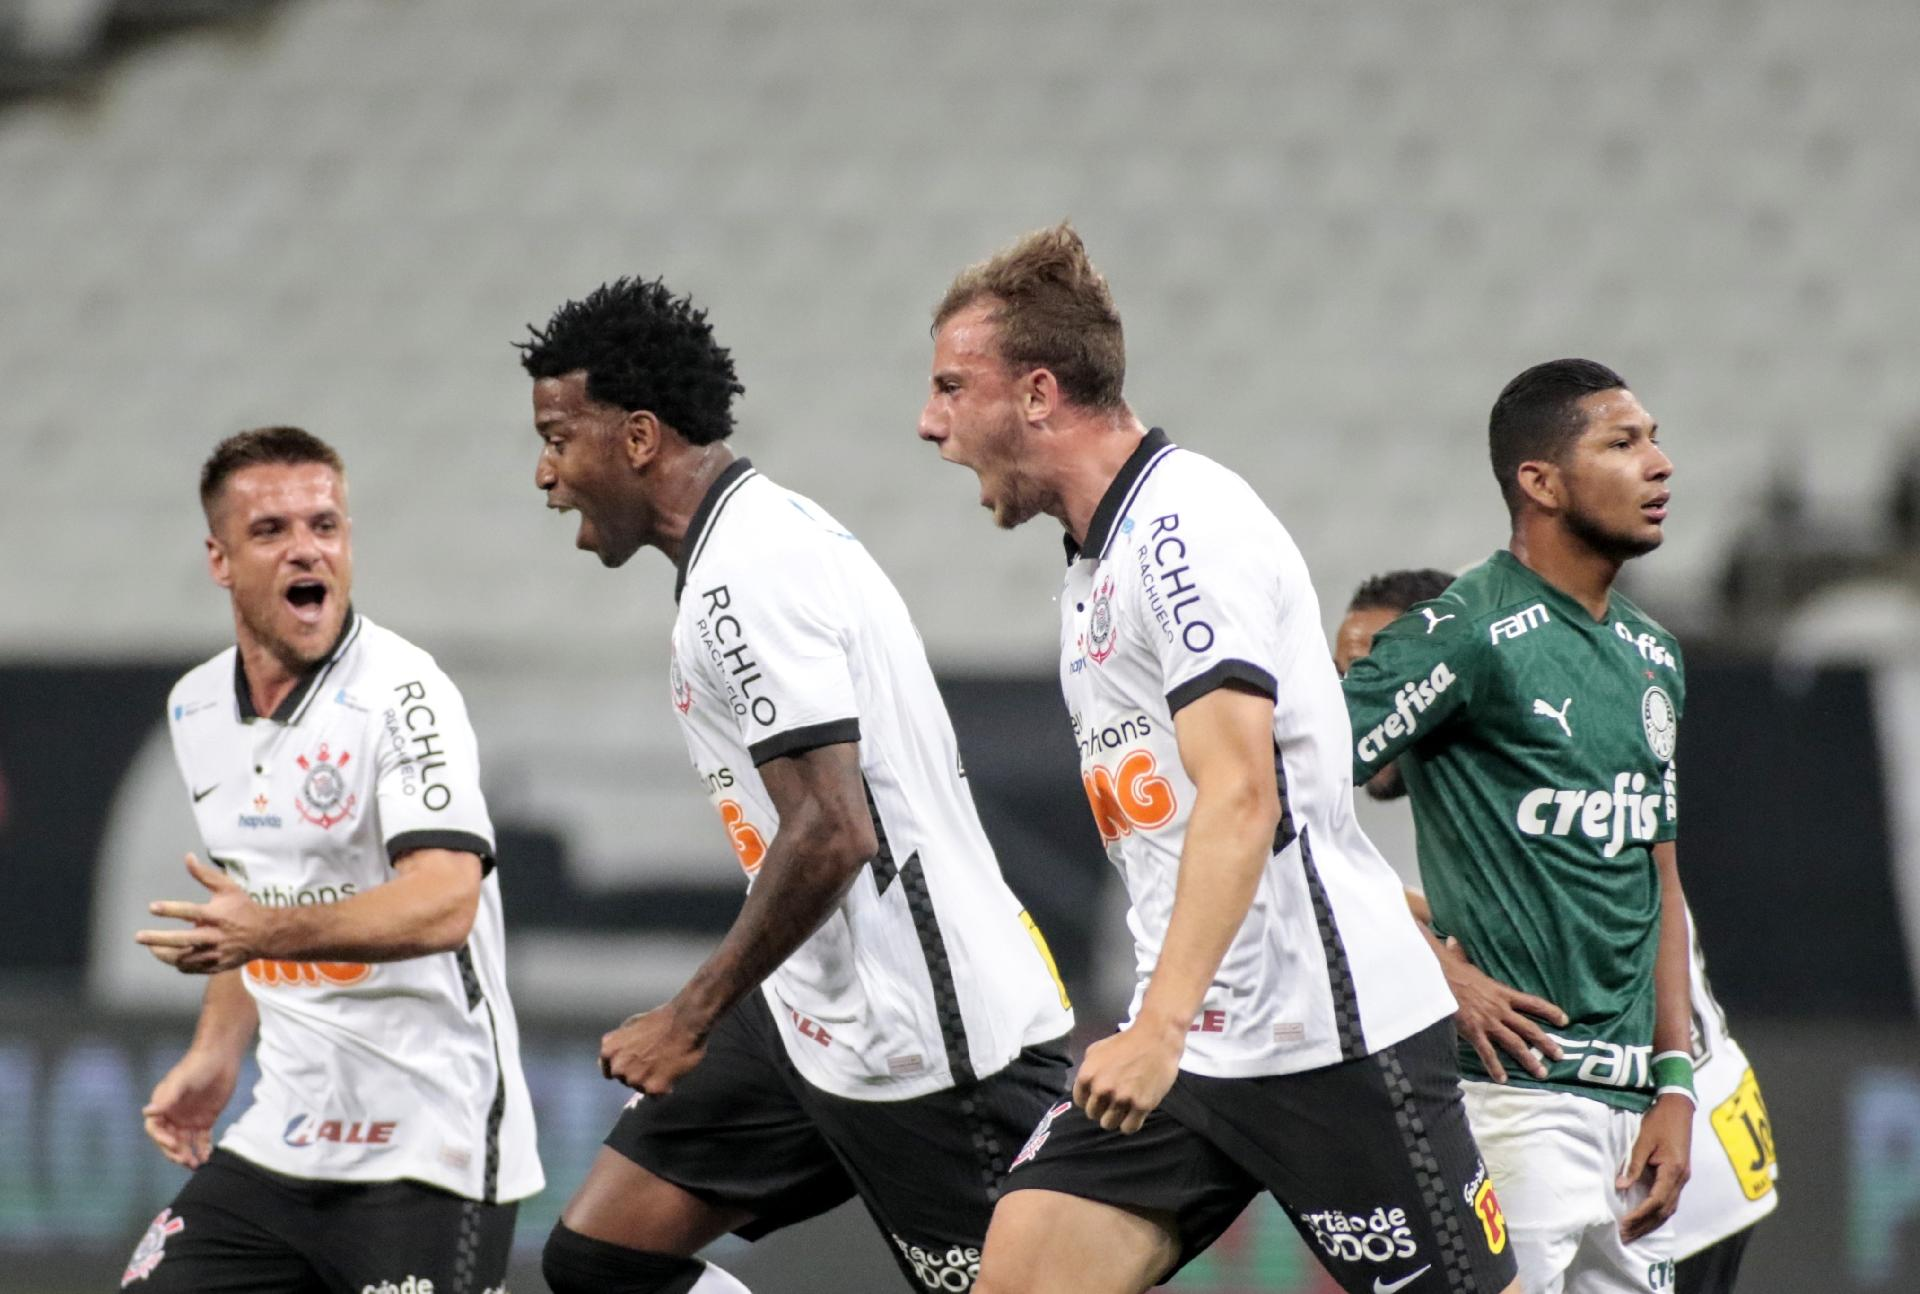 Gil do Corinthians comemora gol contra o Palmeiras - Rodrigo Coca / Agência Corinthians